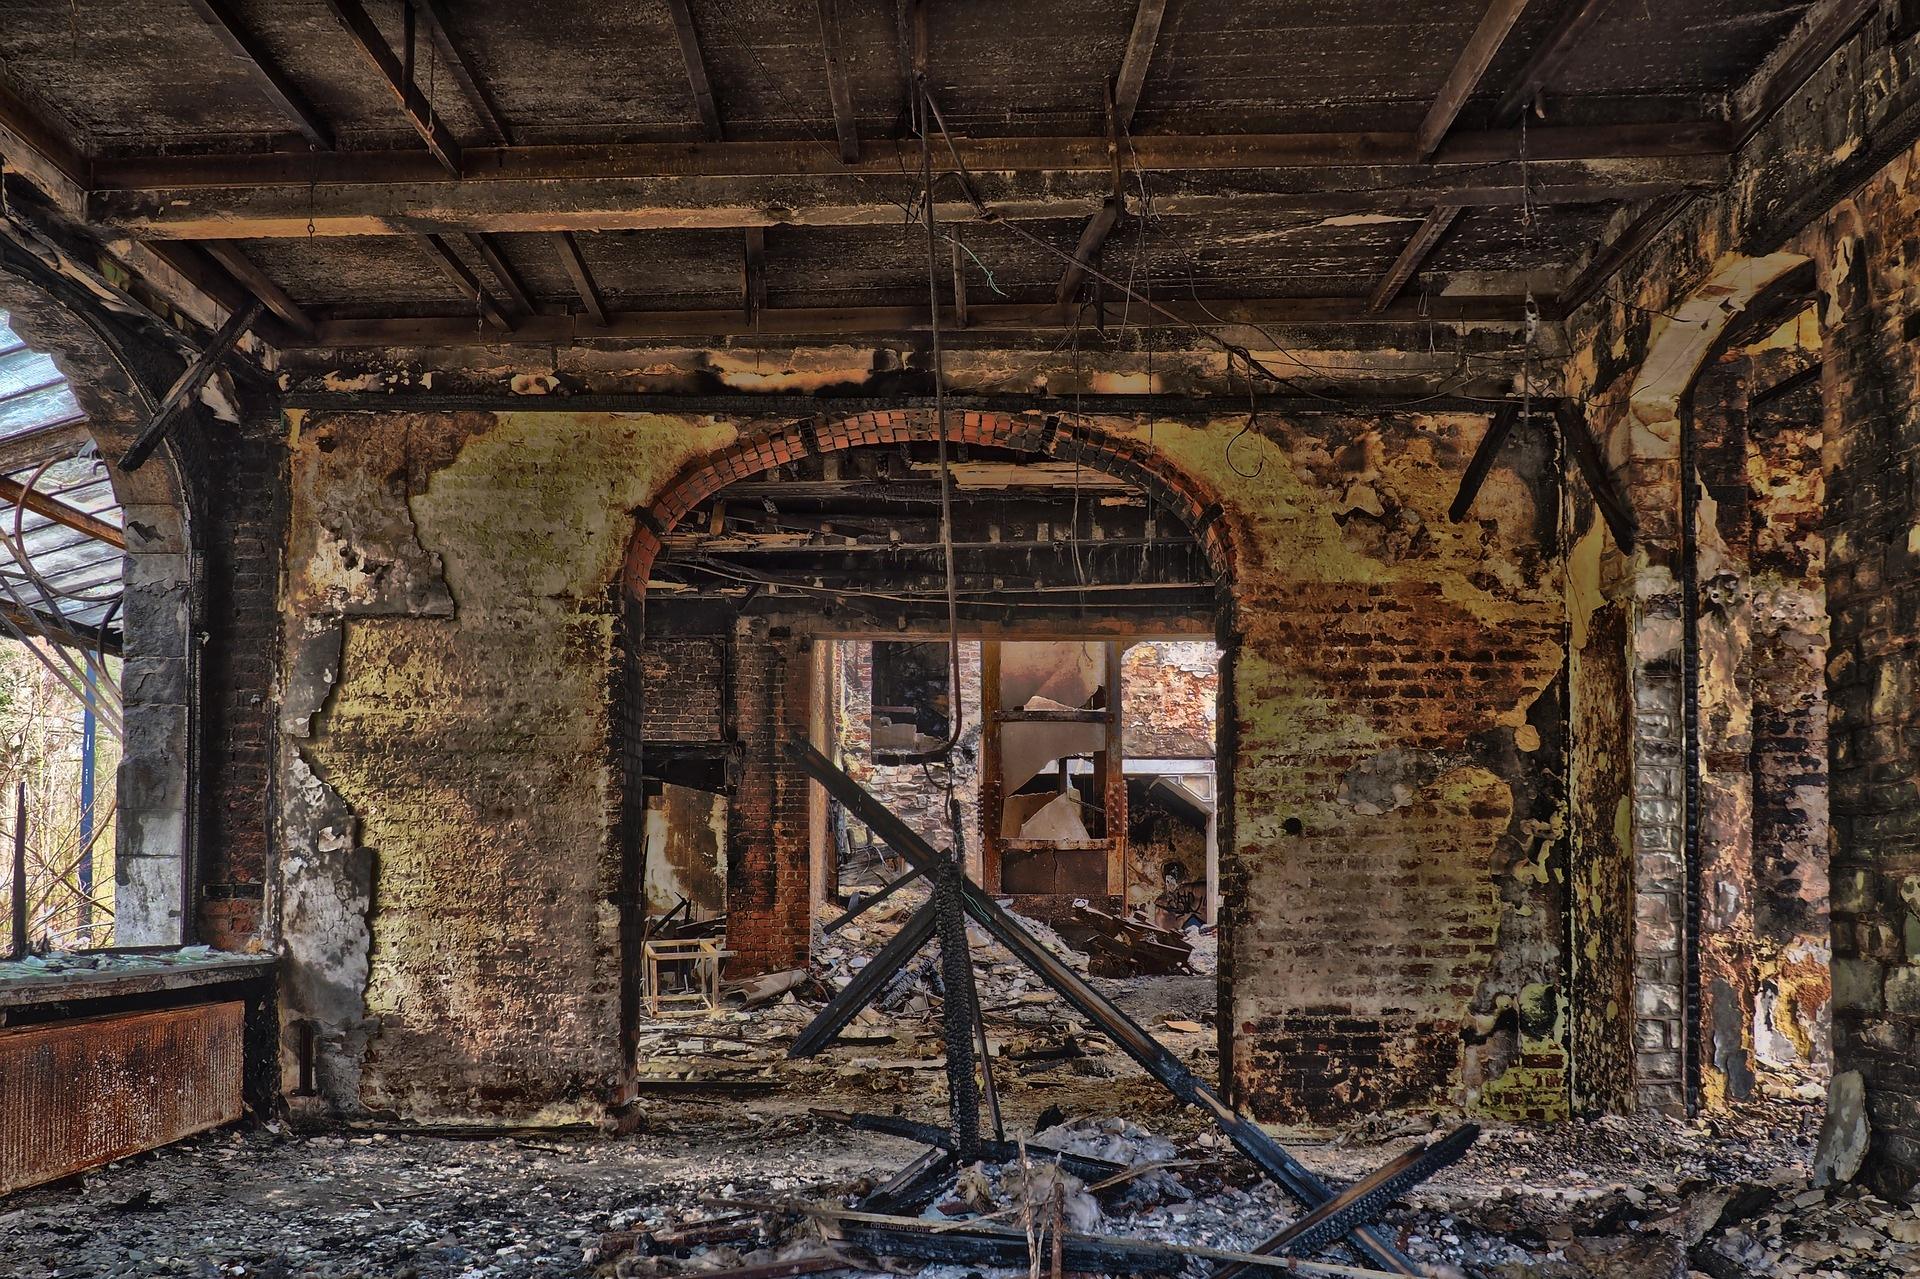 Αποκατάσταση Πυρκαγιάς-Καθαρισμοί Τζακιών